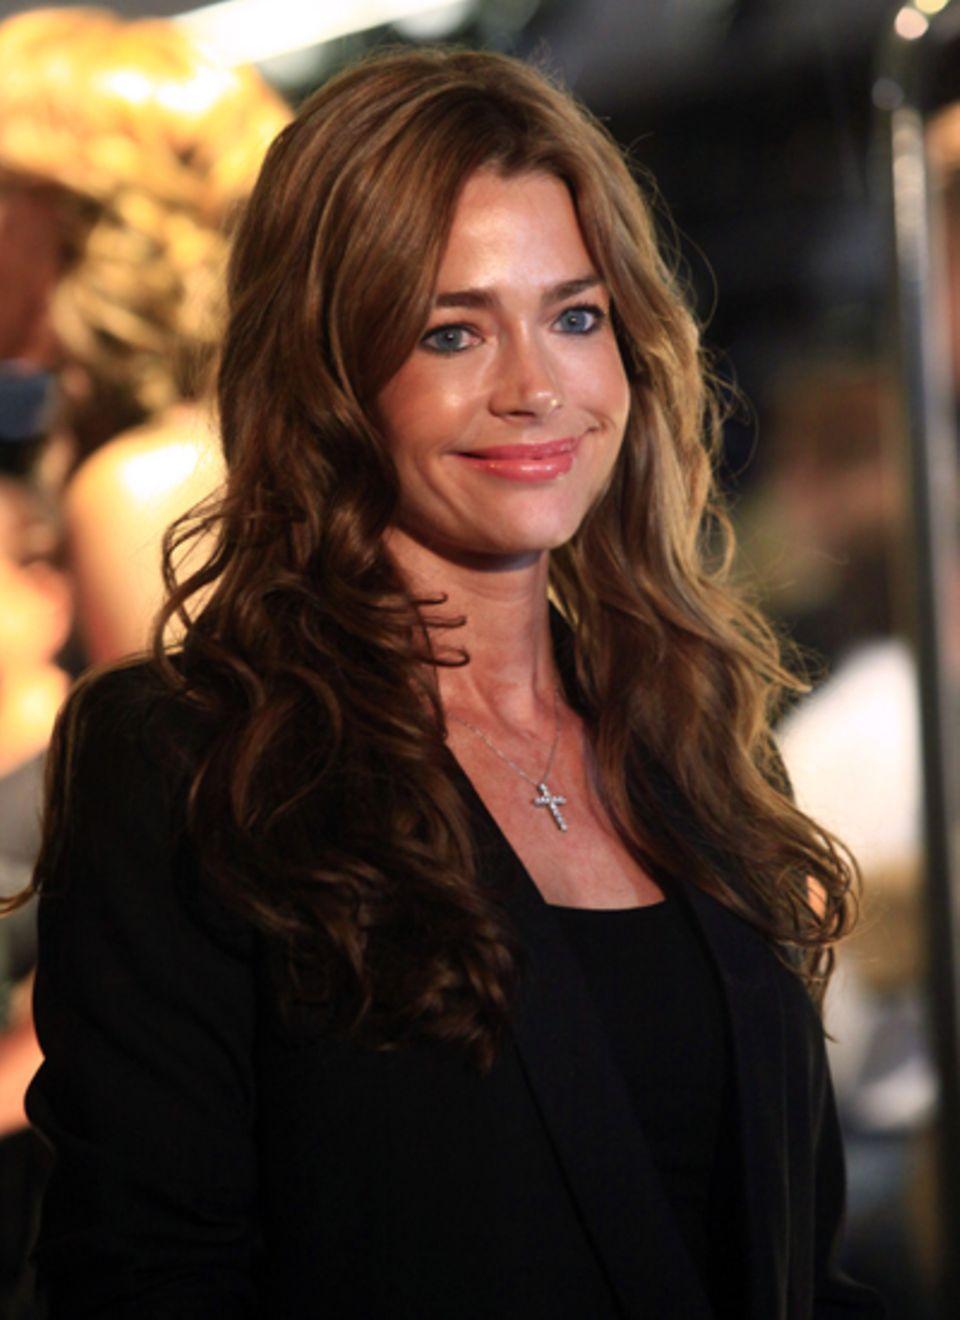 Denise Richards besucht ebenso die Dolce & Gabbana Boutique.